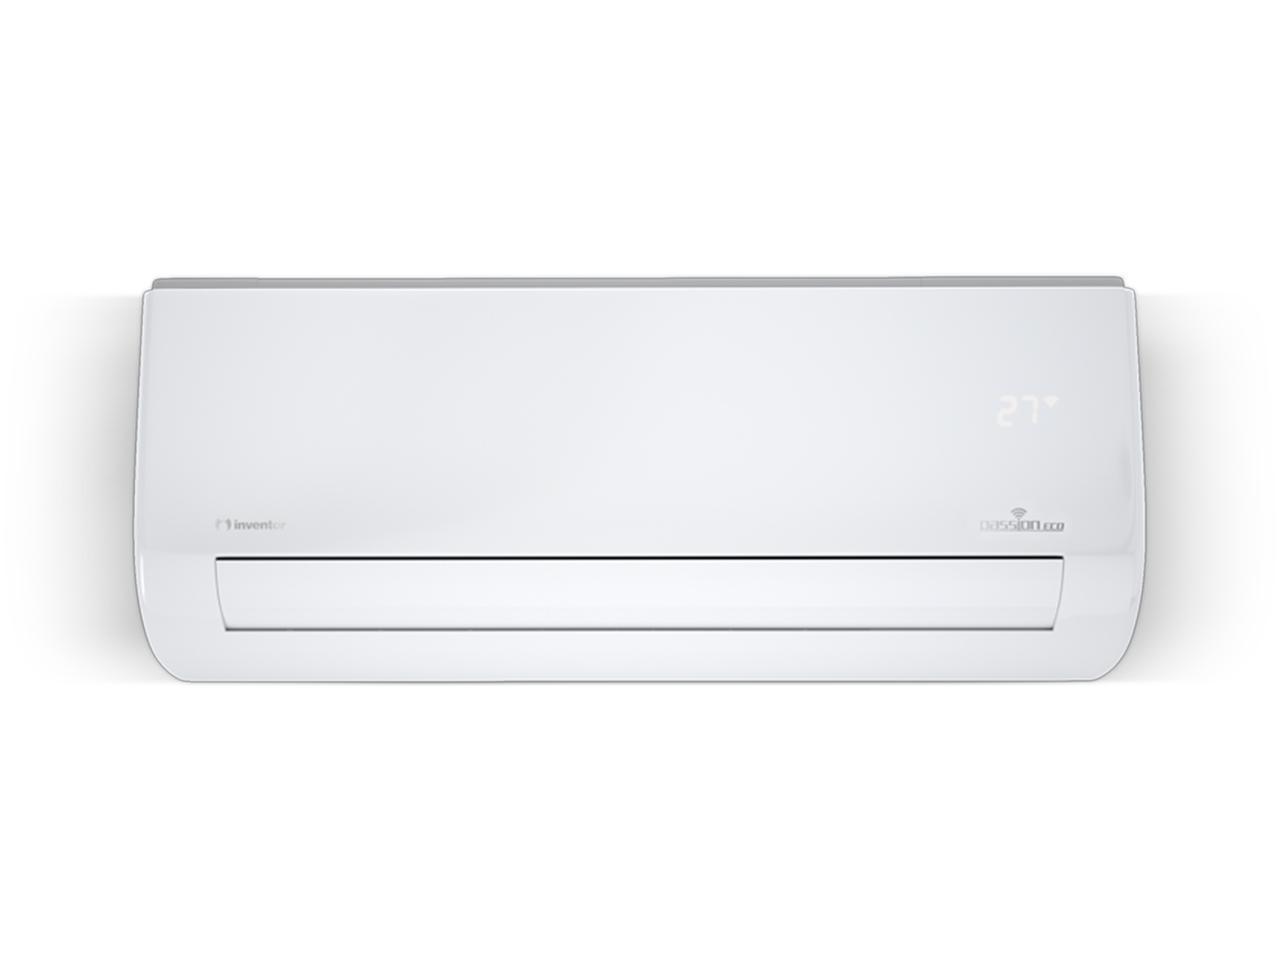 Κλιματιστικό Inventor Passion Eco P8MVI32-24WiFi / P8MVO32-24  Inverter 24.000btu/h